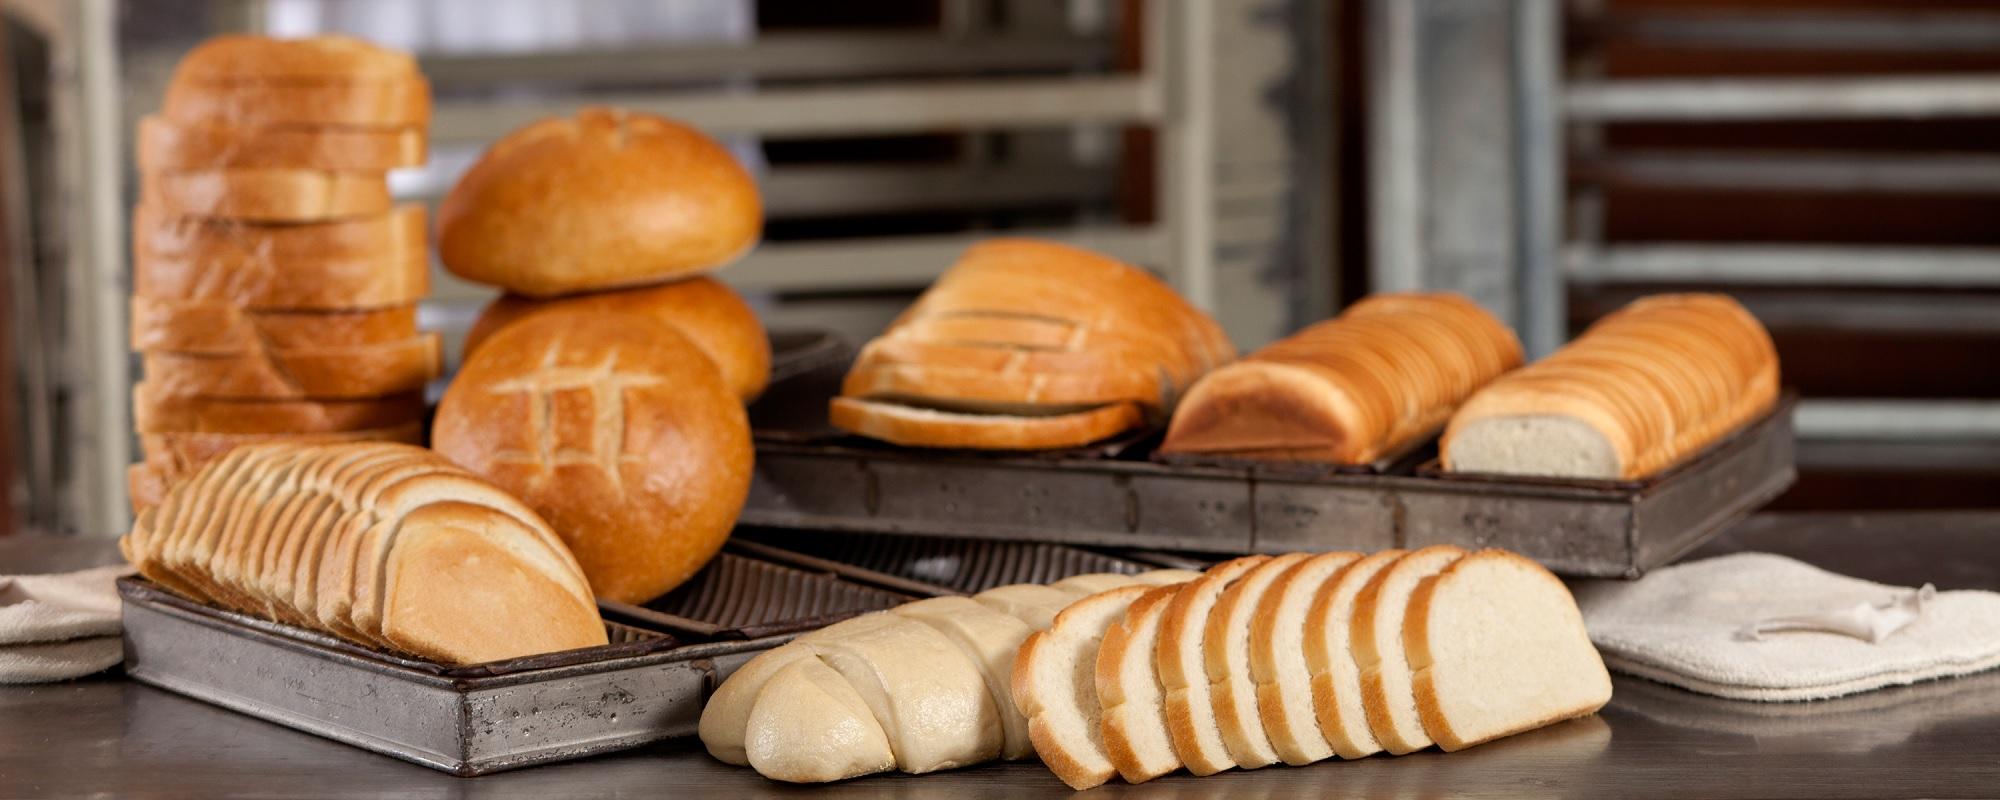 Don Papi Pastelería & Panadería